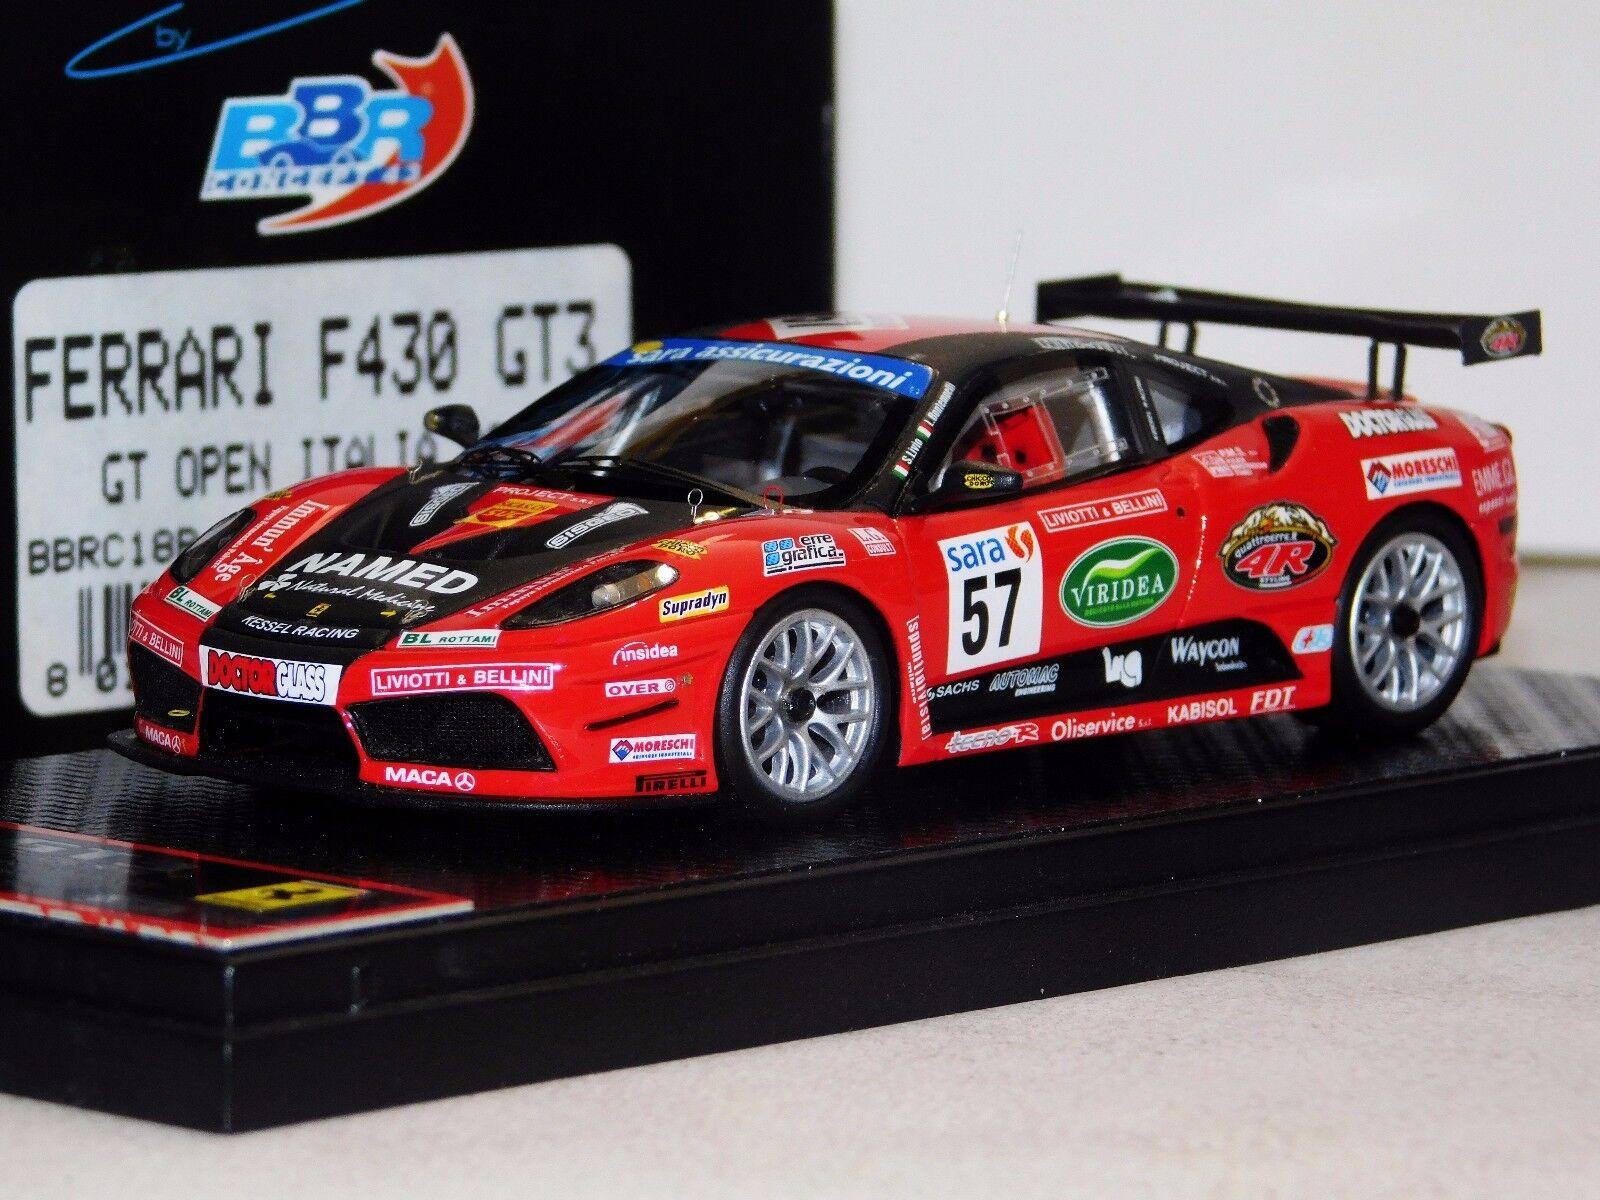 FERRARI F430 GT3  57 OPEN GT ITALIA 2009 BBR BBRC18B LIM. 210 PCS 1 43